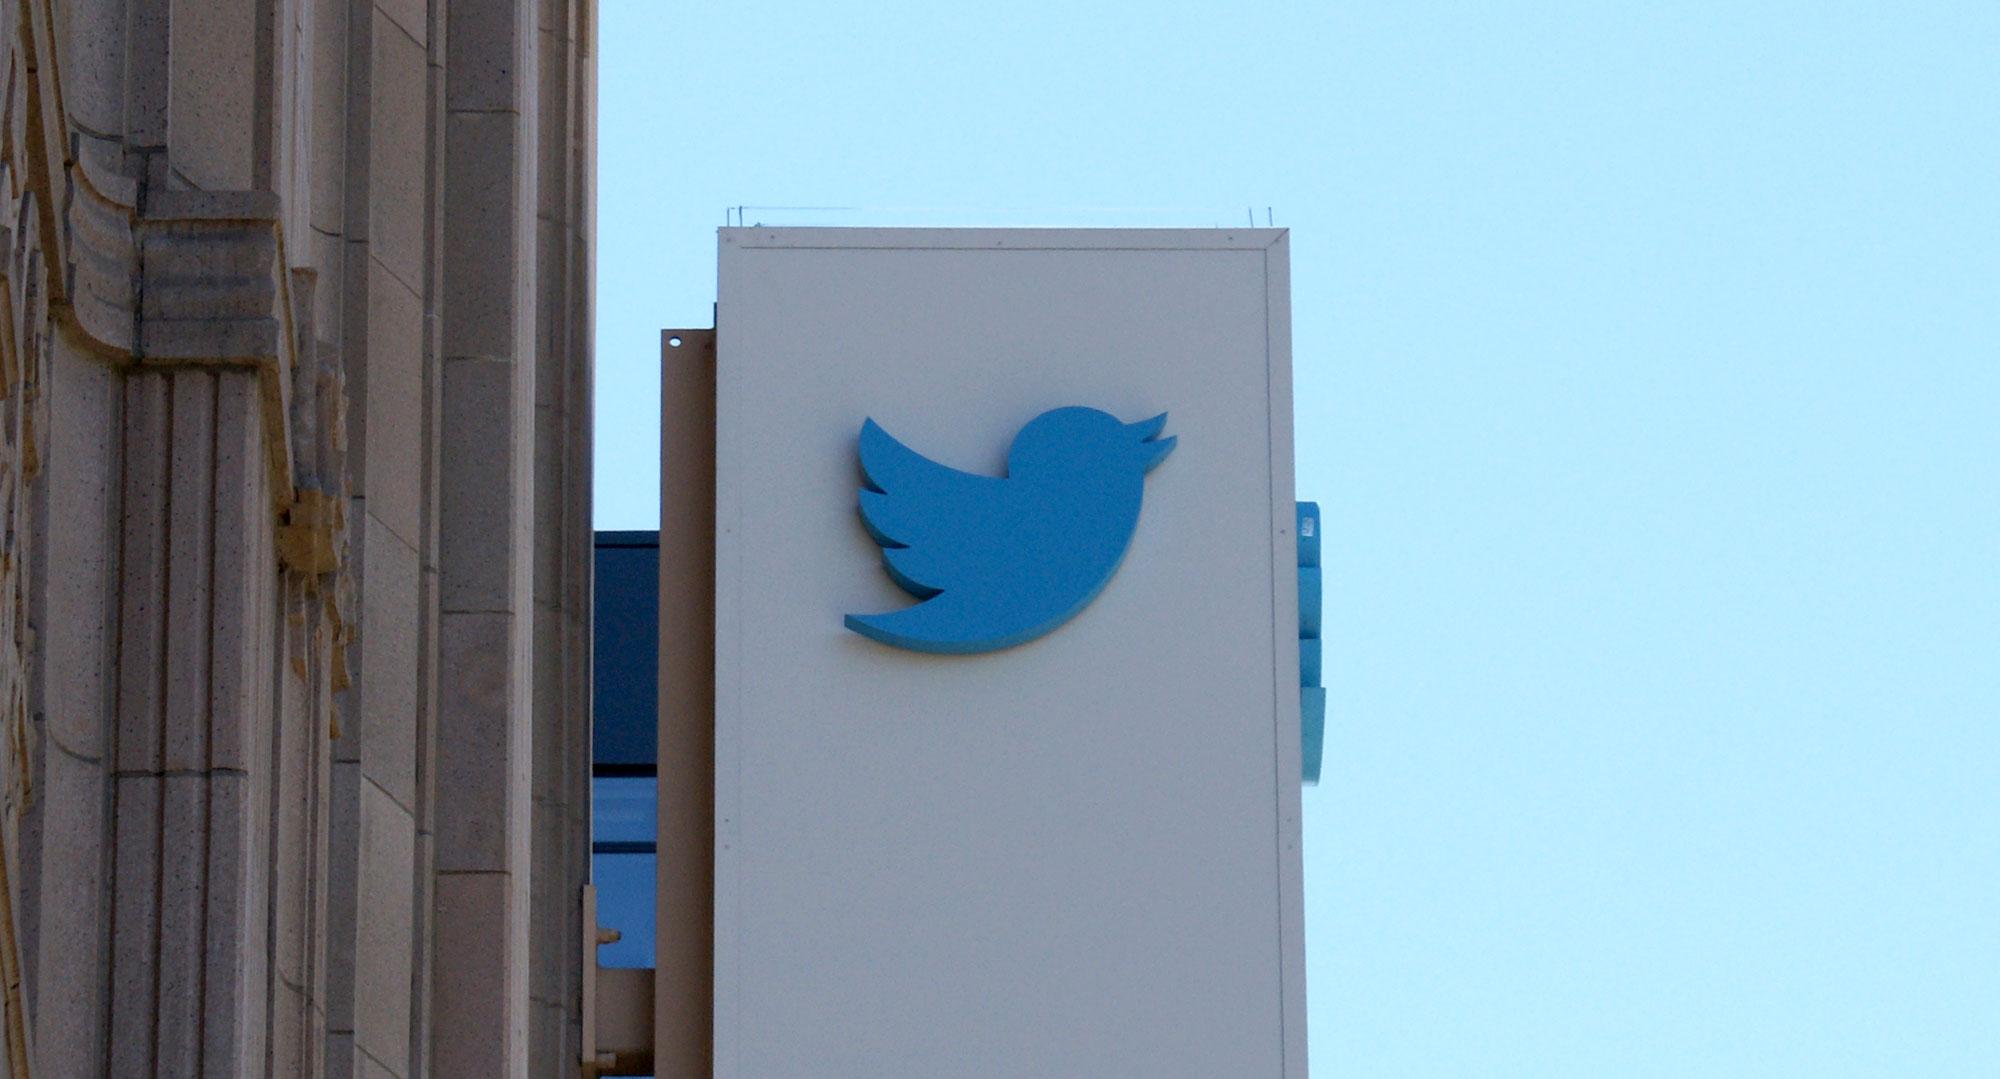 تويتر تُتيح للمُستخدمين إعادة مُشاركة تغريداتهم أو الإقباس منها